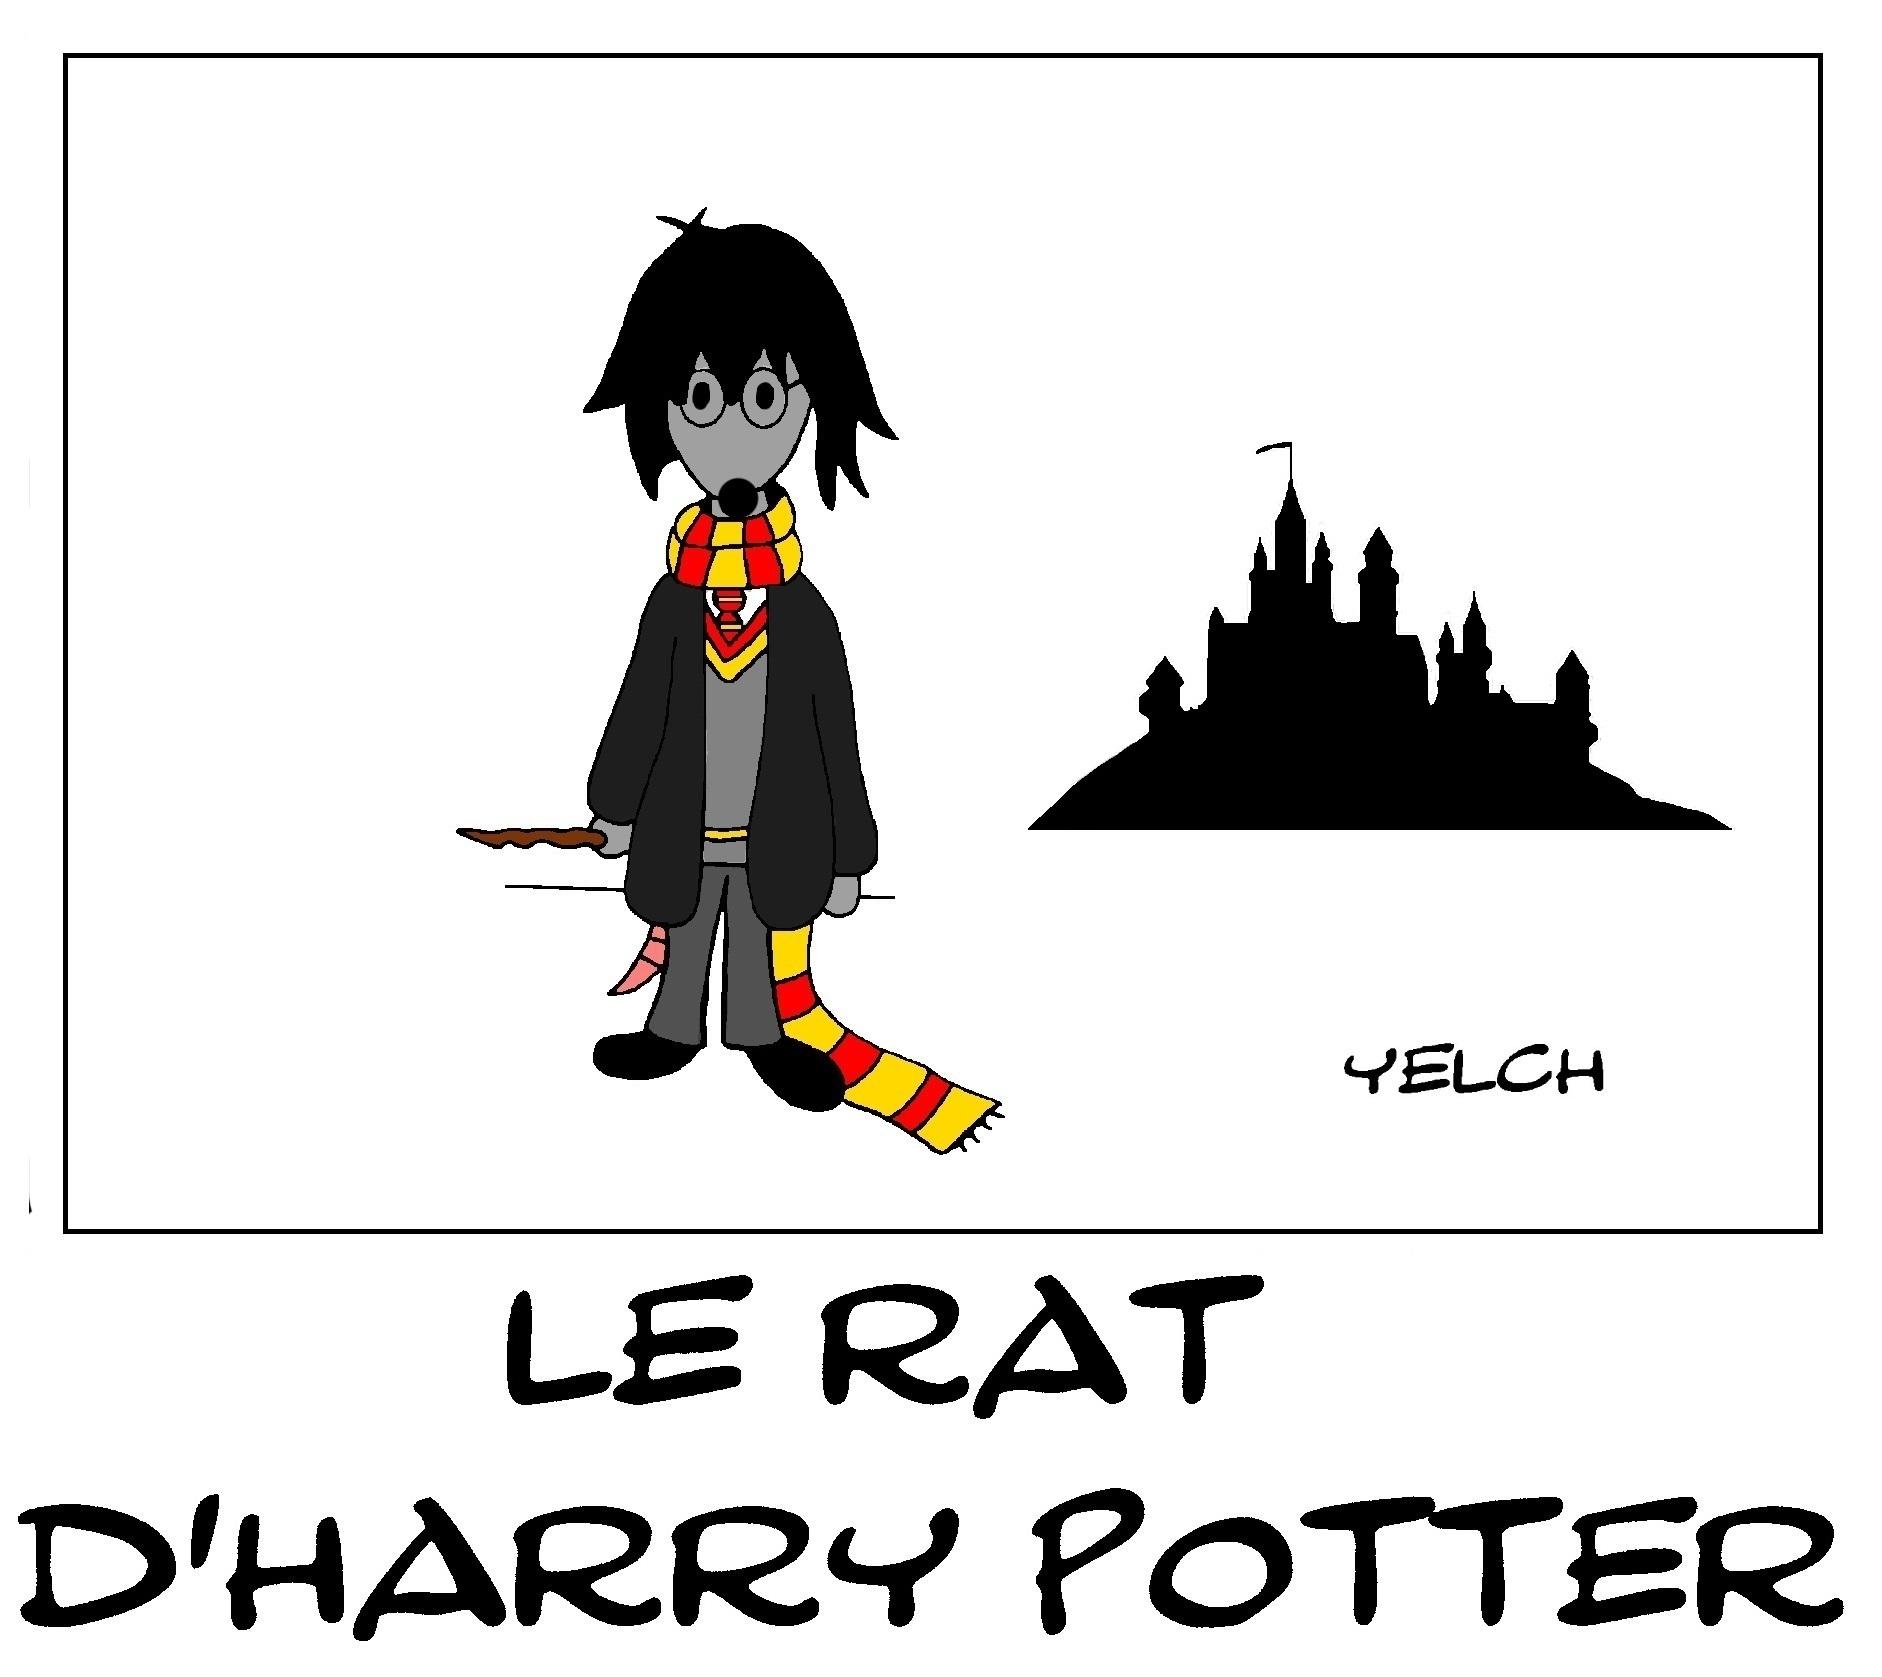 Dessin D'harry Potter – Blagues Et Dessins pour Dessin D Harry Potter